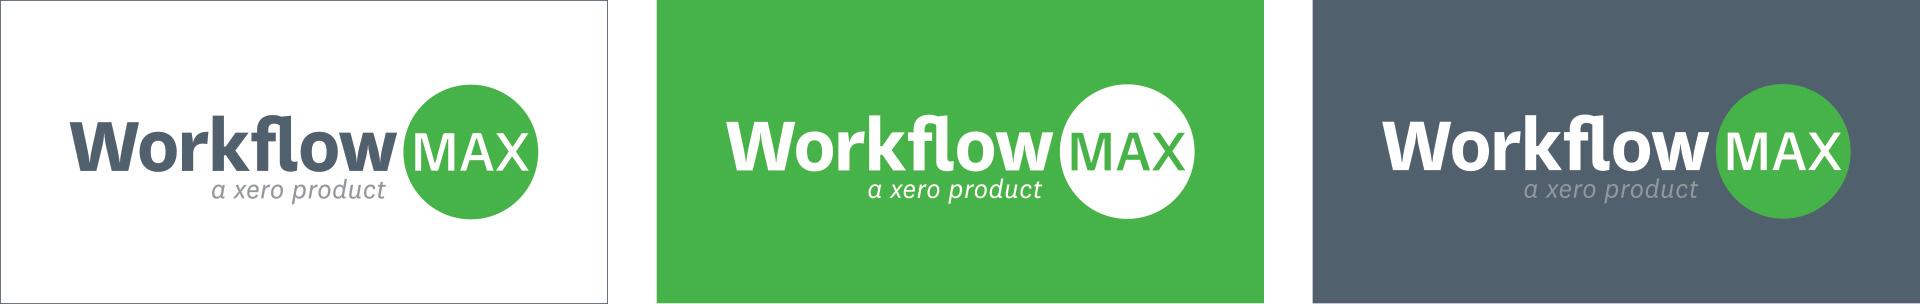 workflowmax-logo-options